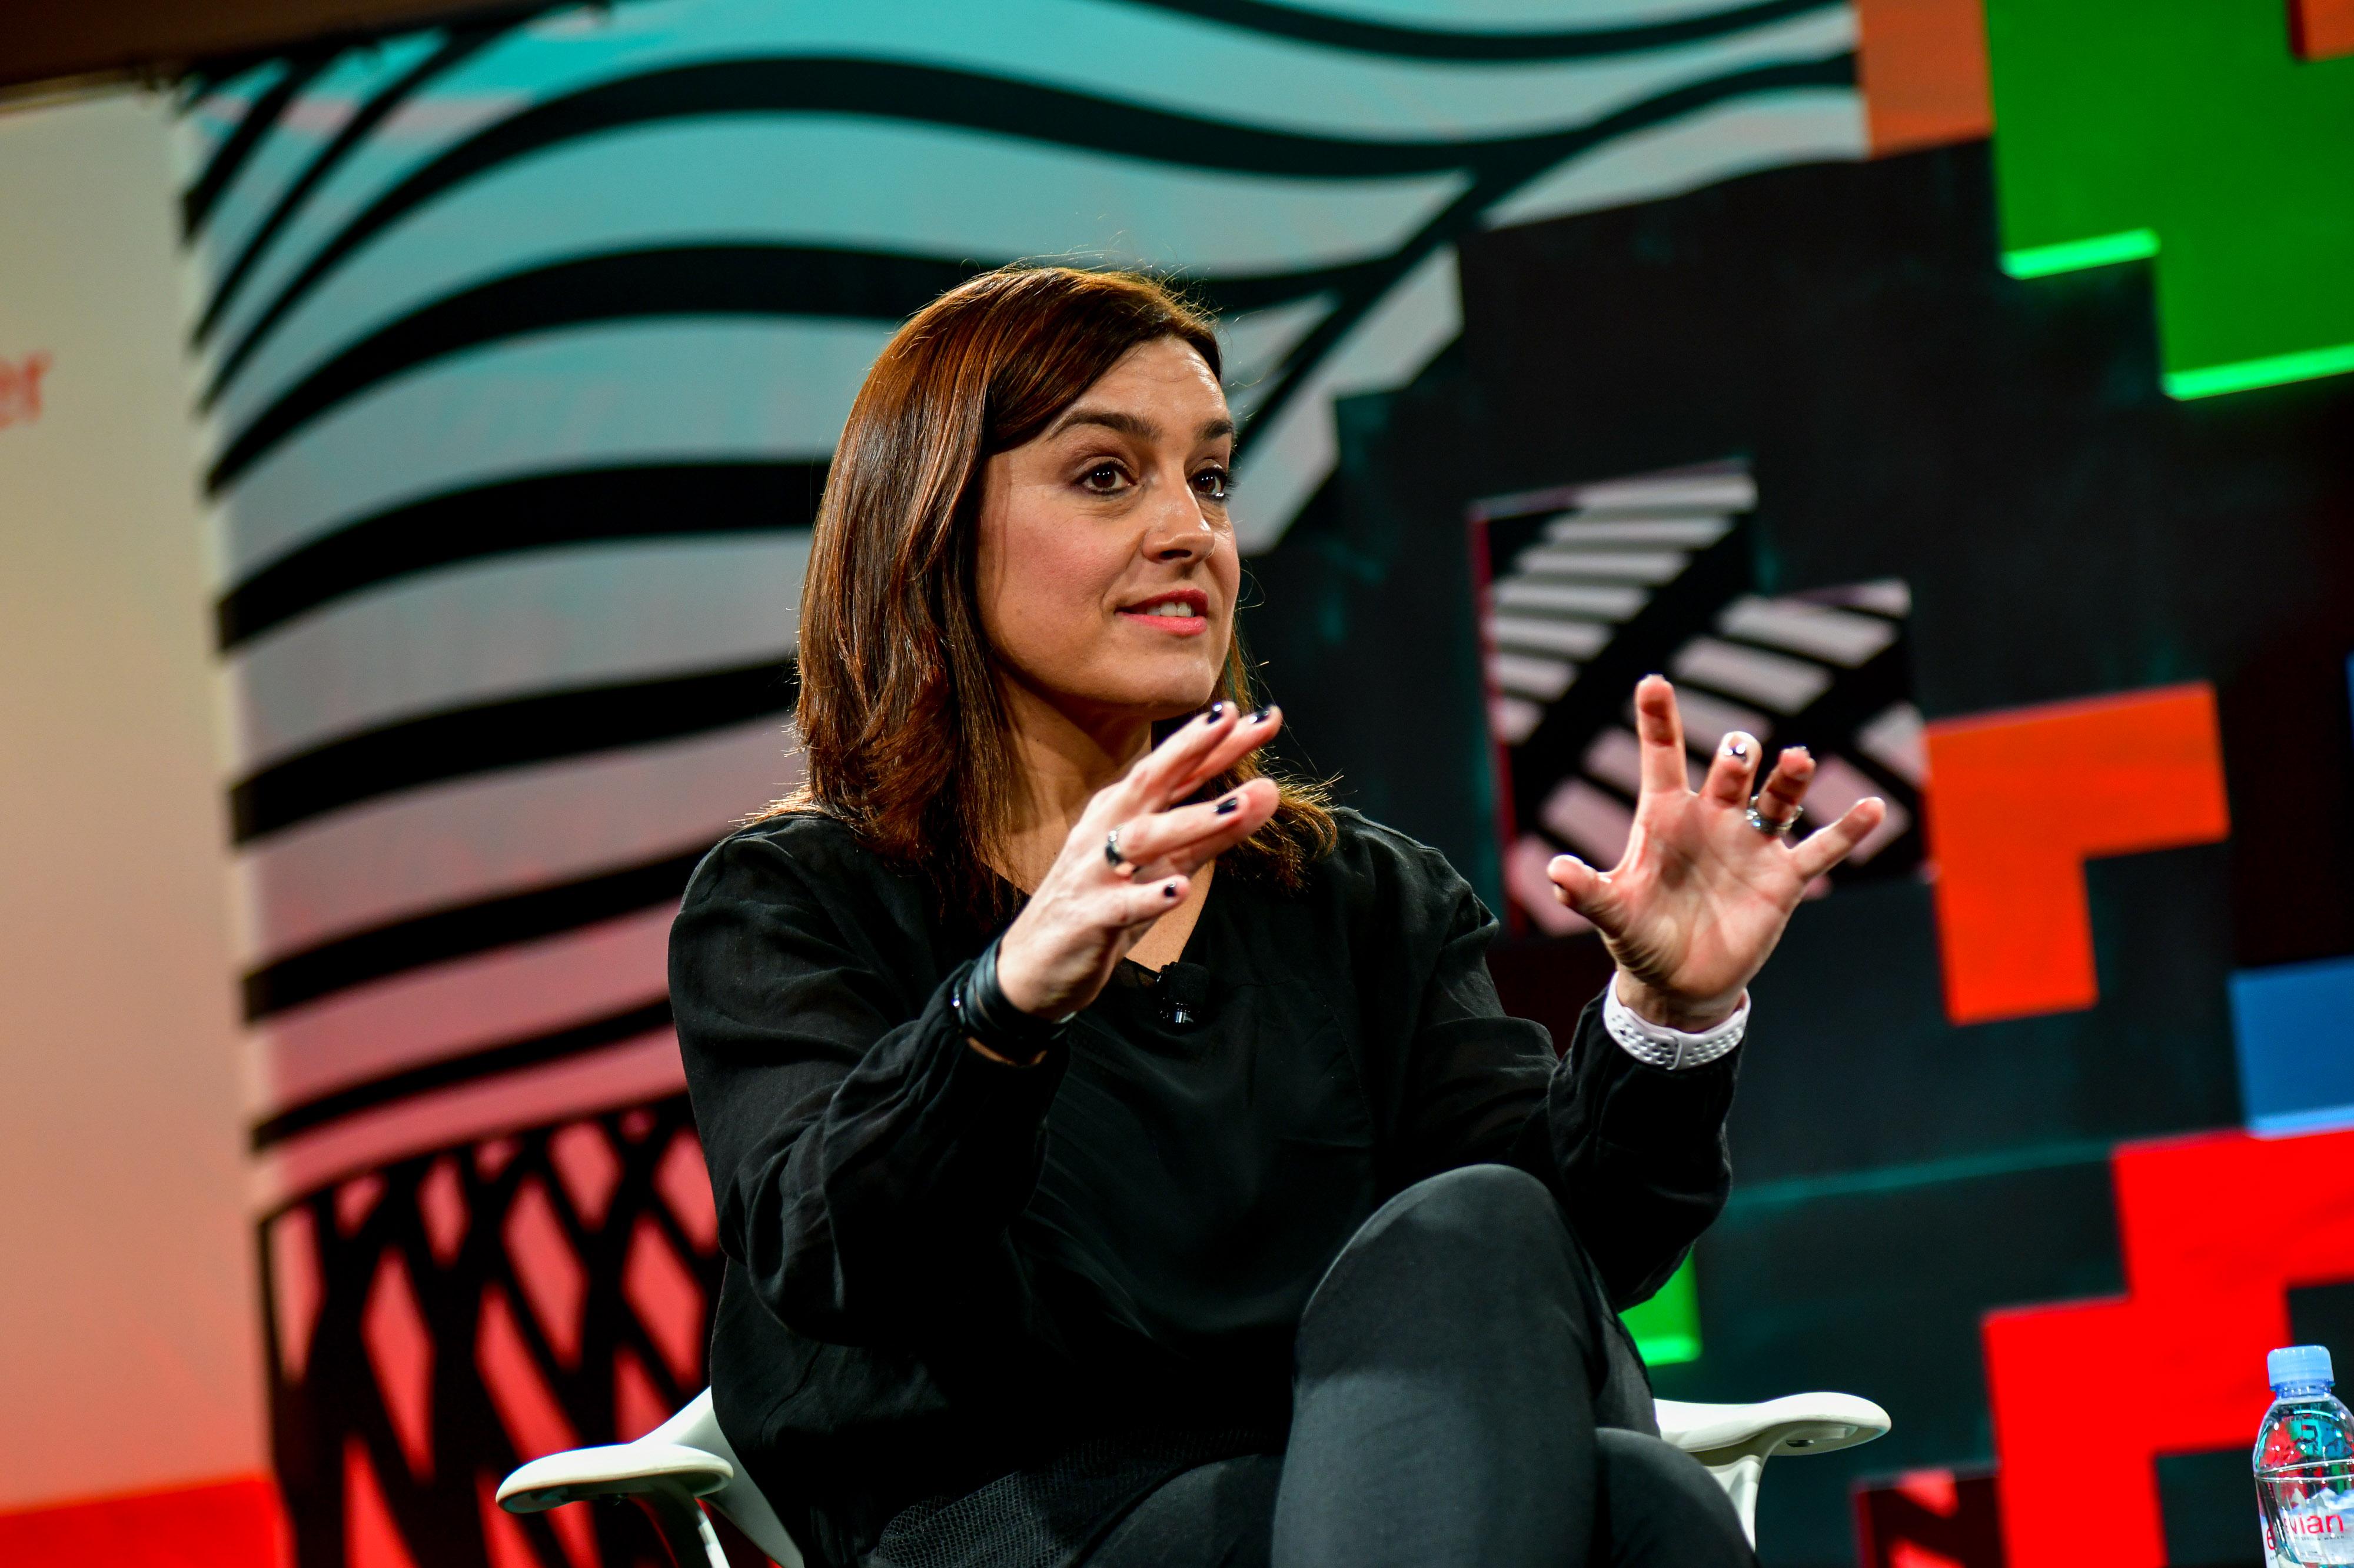 Fortune Most Powerful Women NextGen 2017